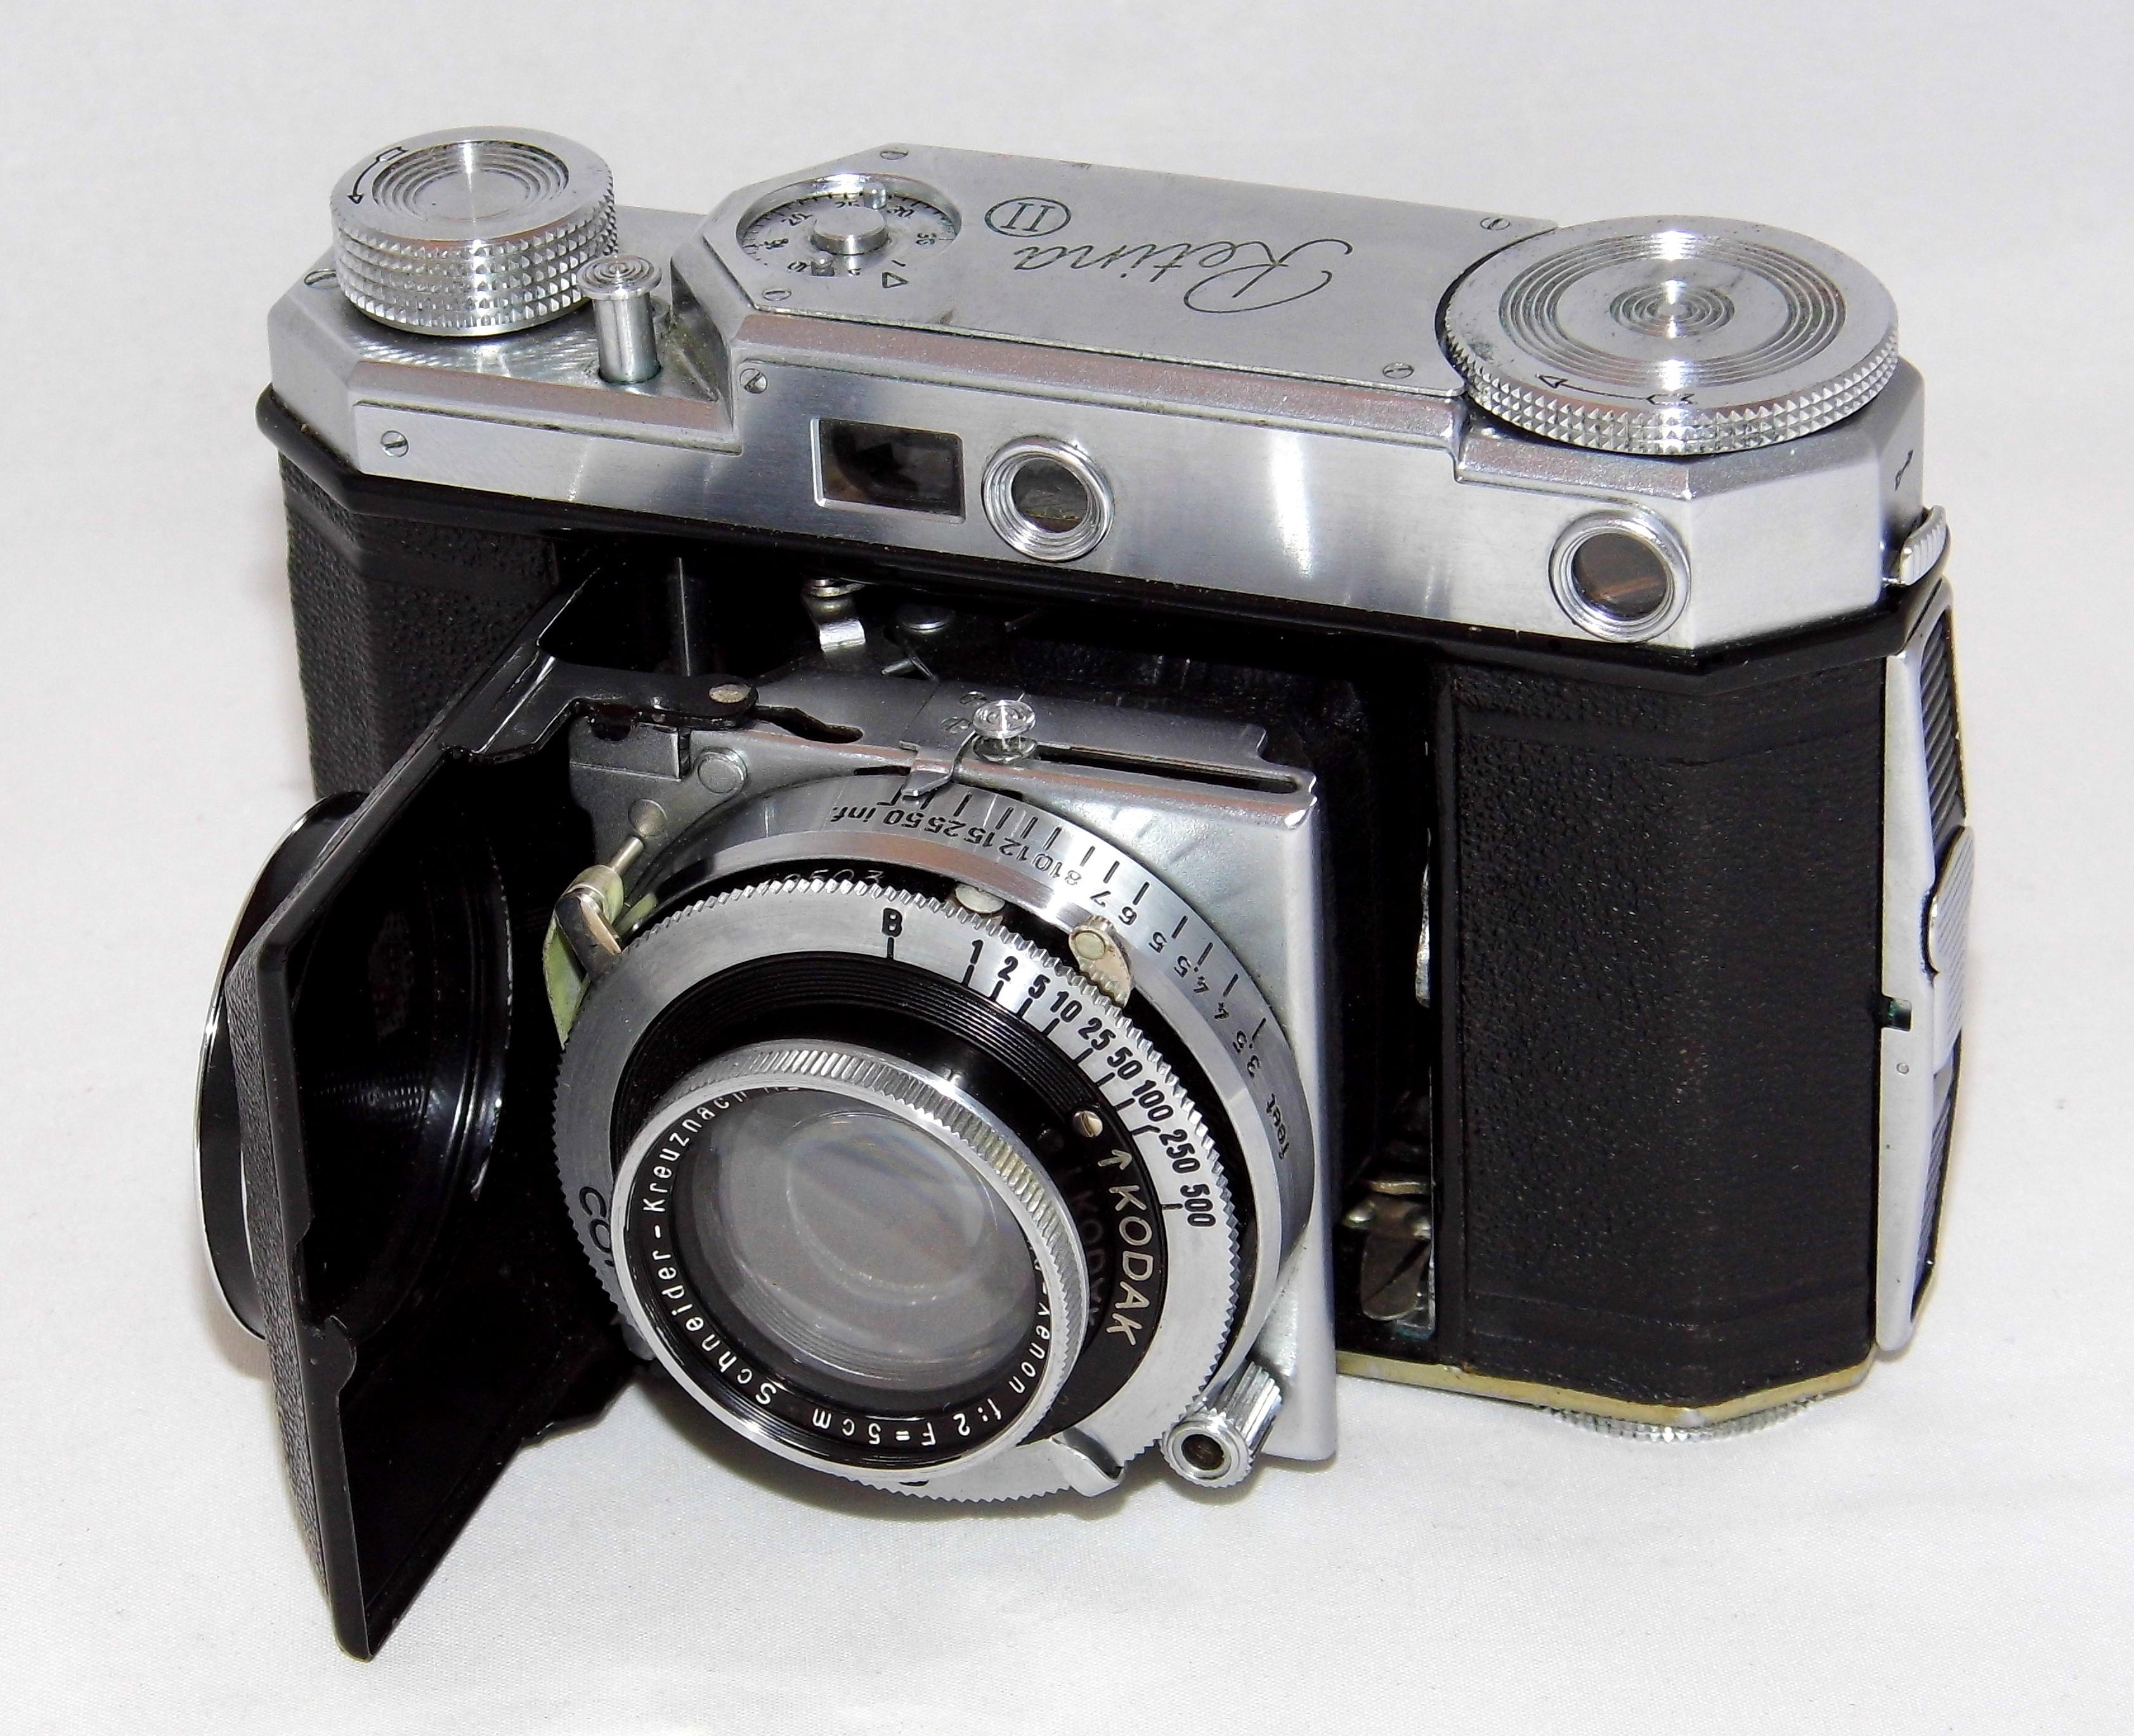 владелец, ремонт старых фотоаппаратов в москве загружали дочь